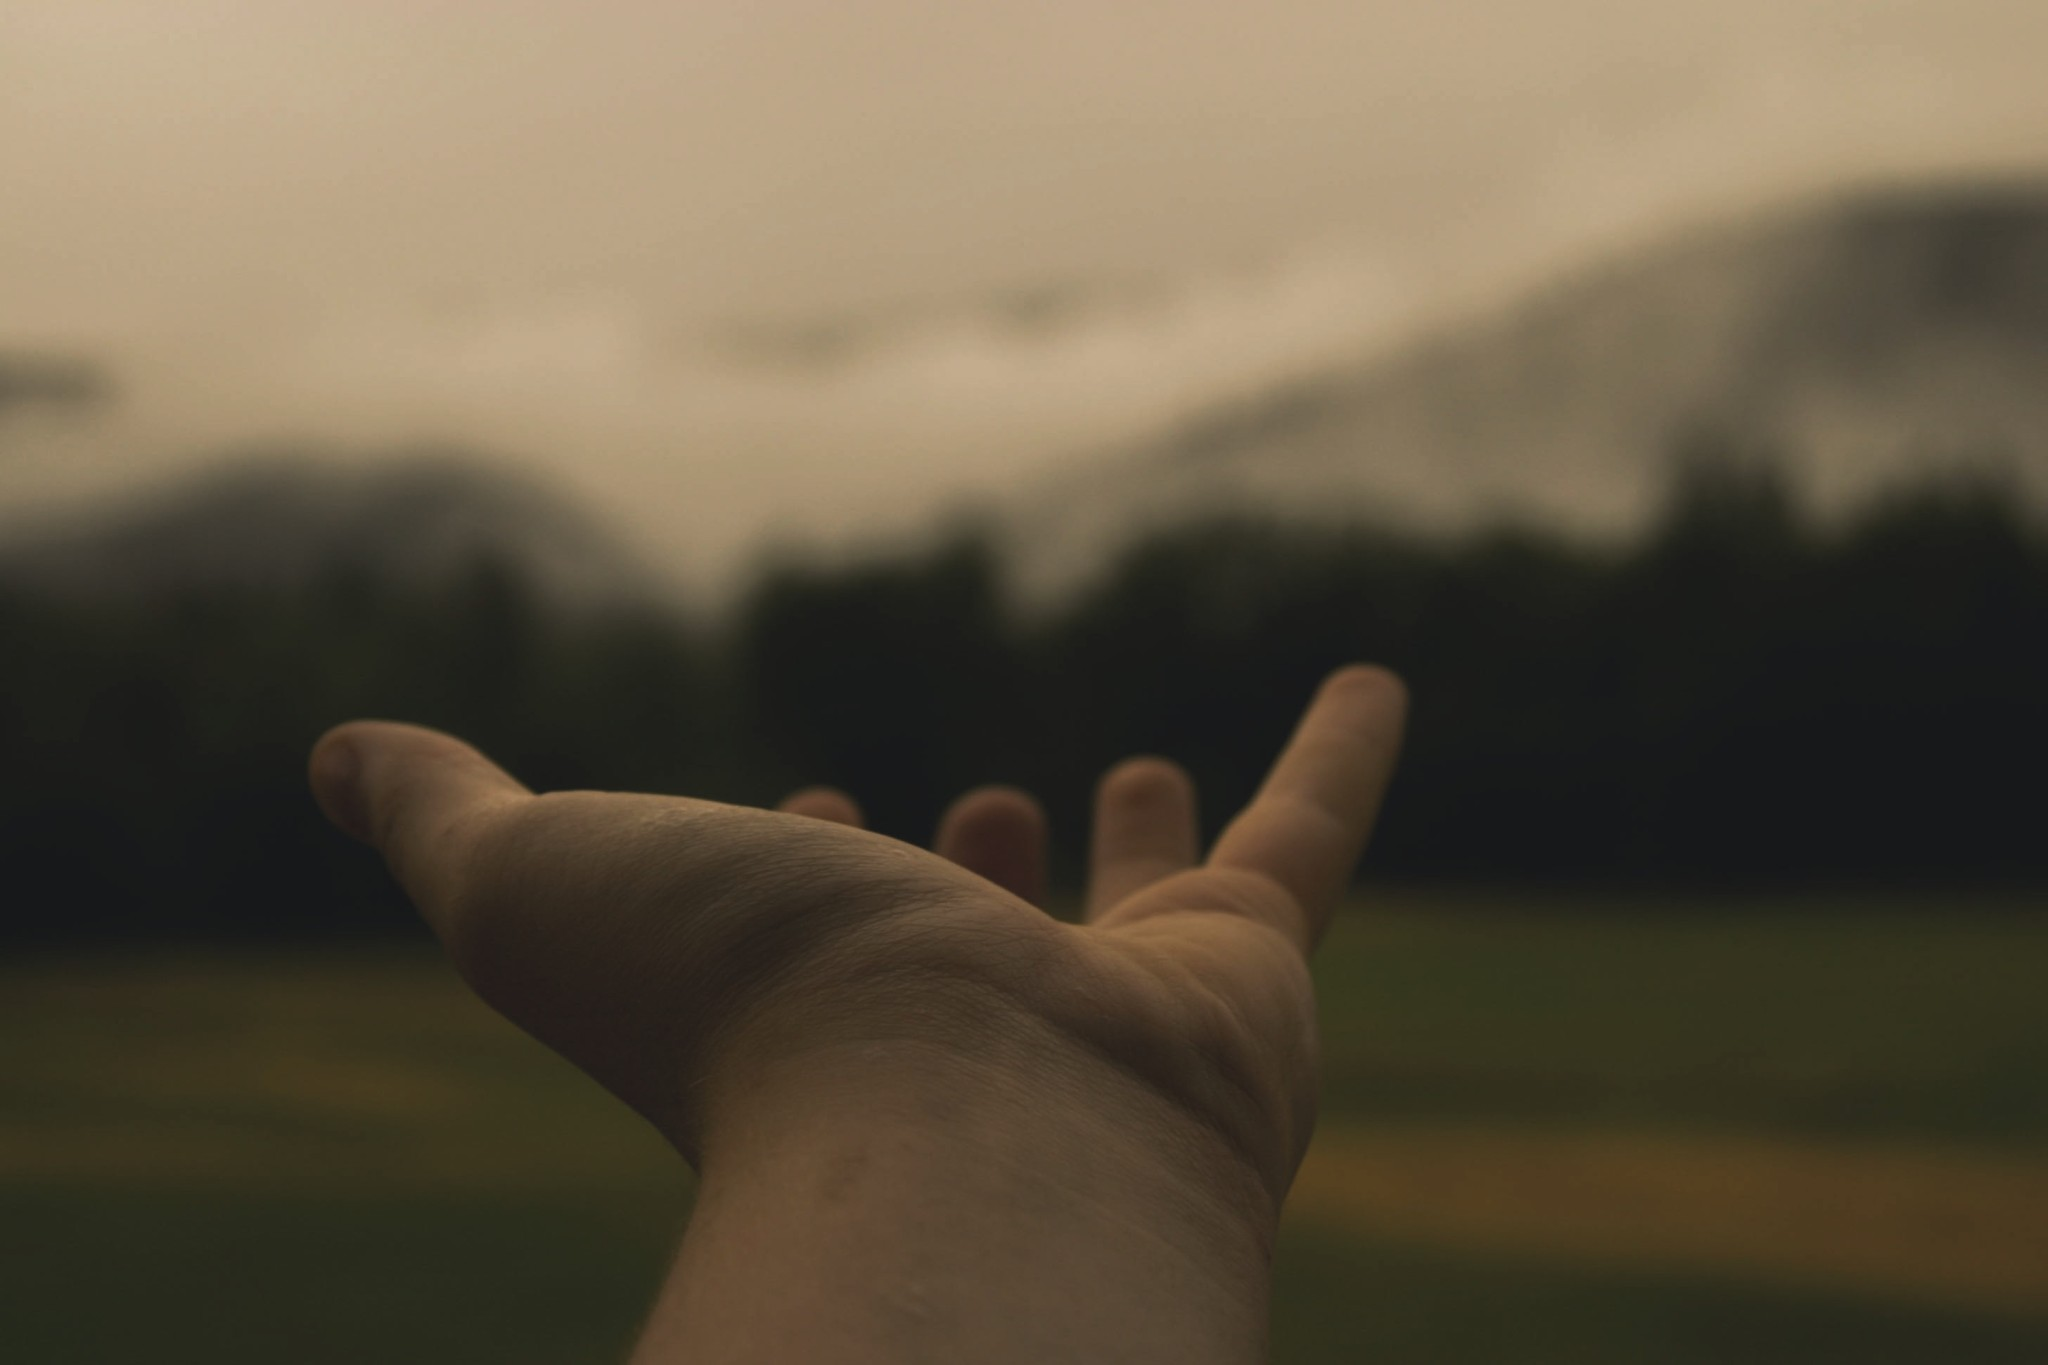 hand-846092